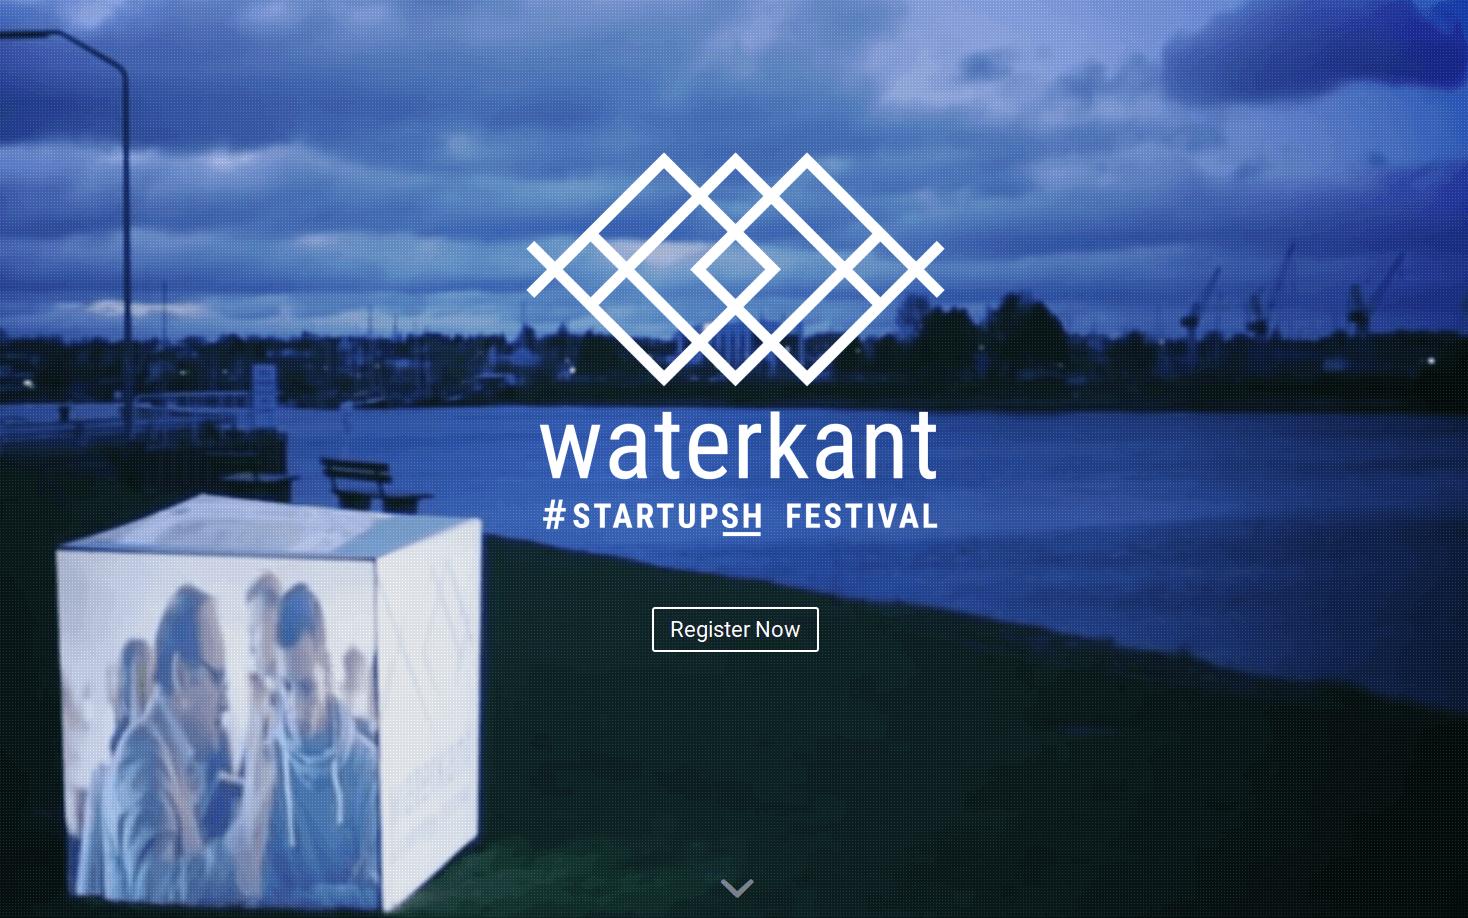 Waterkant - #StartupSH Festival